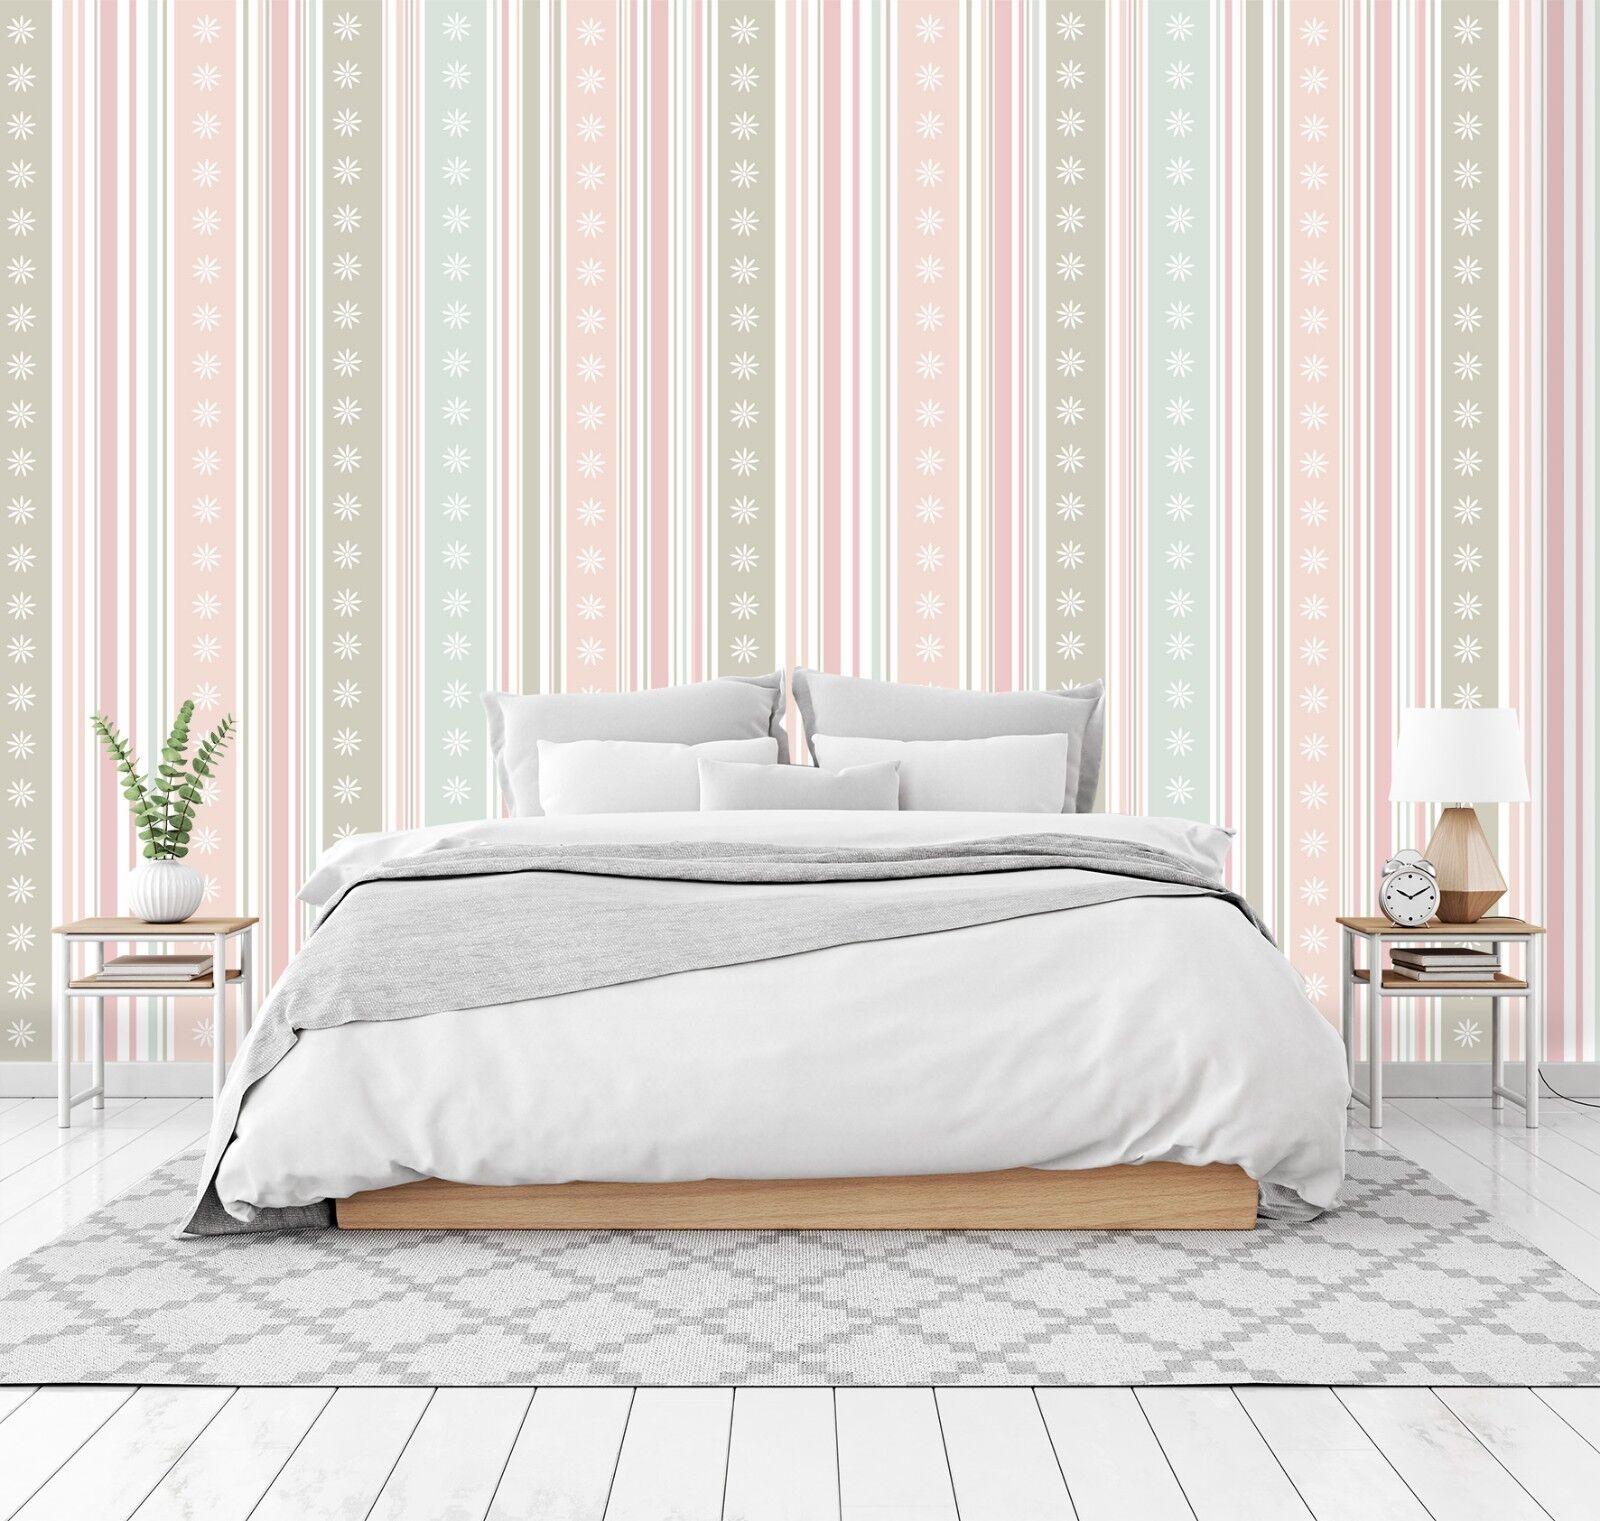 3D Rosa Streifen 744 Tapete Wandgemälde Tapete Tapeten Bild Bild Bild Familie DE Lemon   Schön und charmant    Hohe Qualität und günstig     ac3977